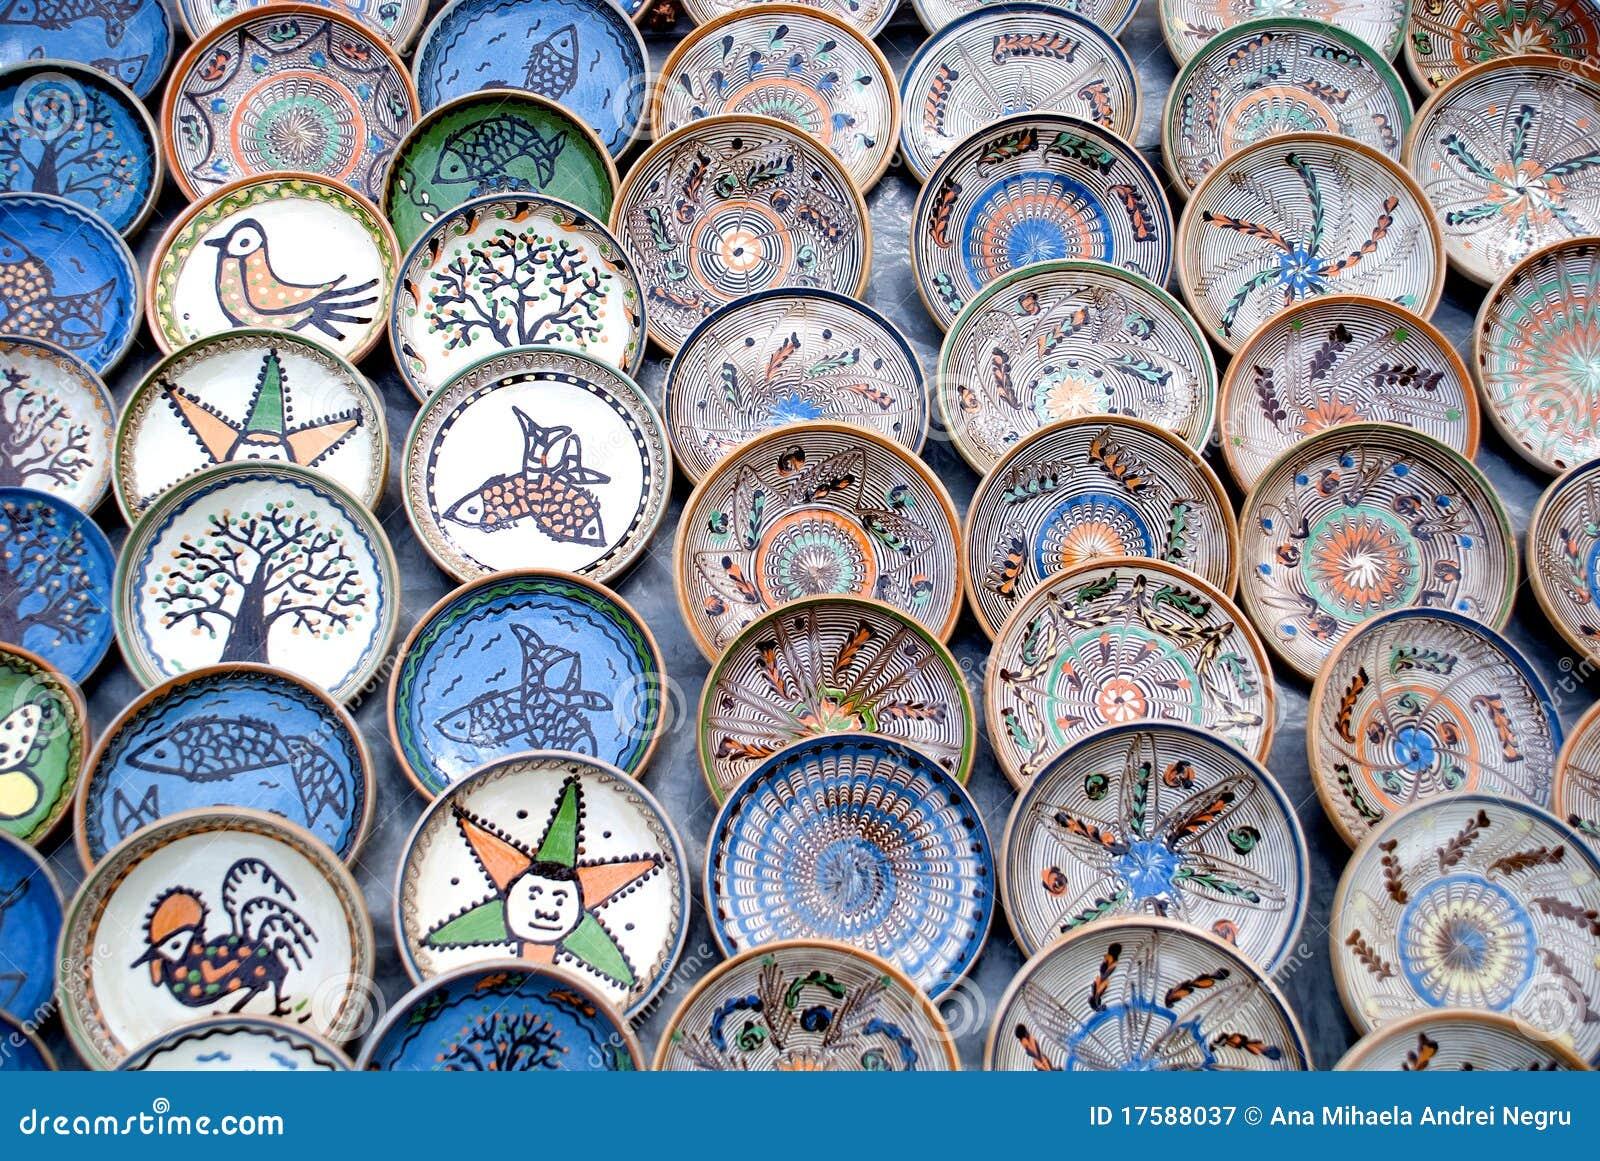 Muitas placas romenas tradicionais da cerâmica